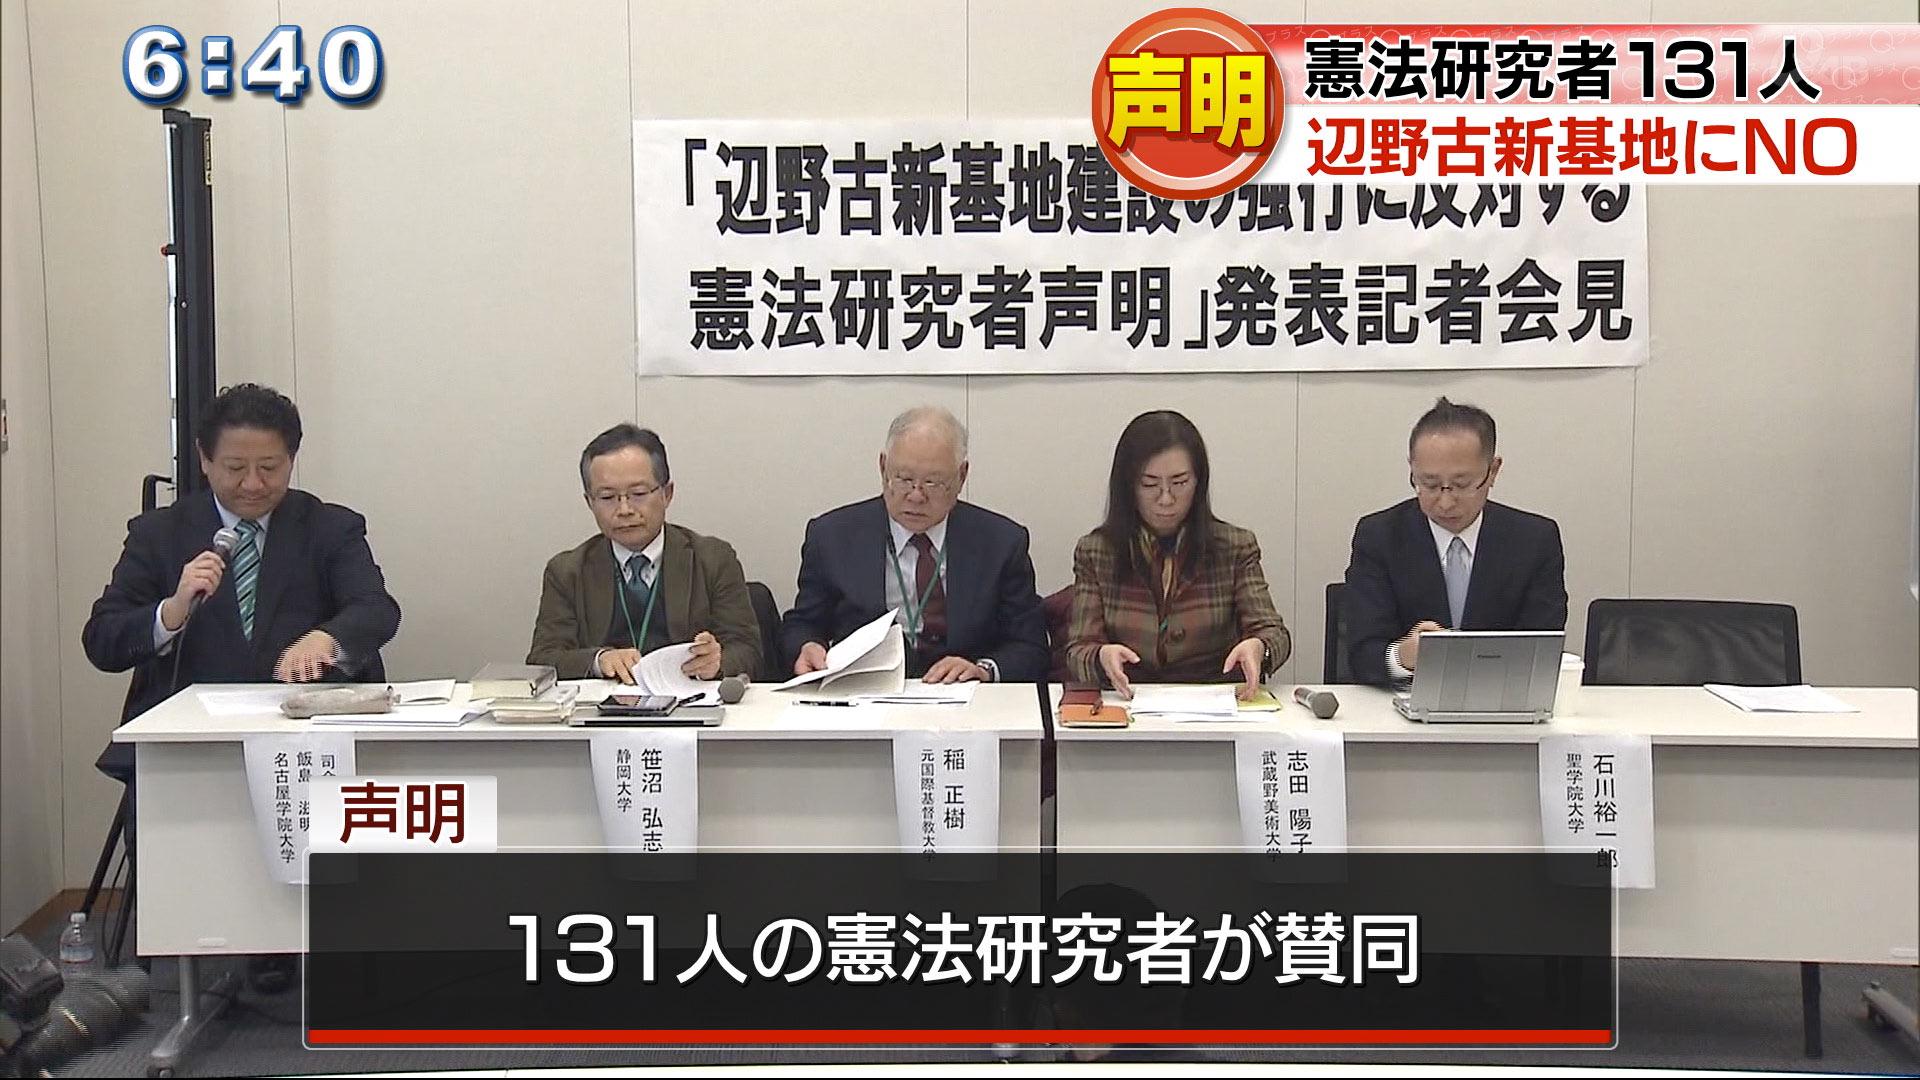 辺野古新基地建設に反対する憲法研究者が声明発表